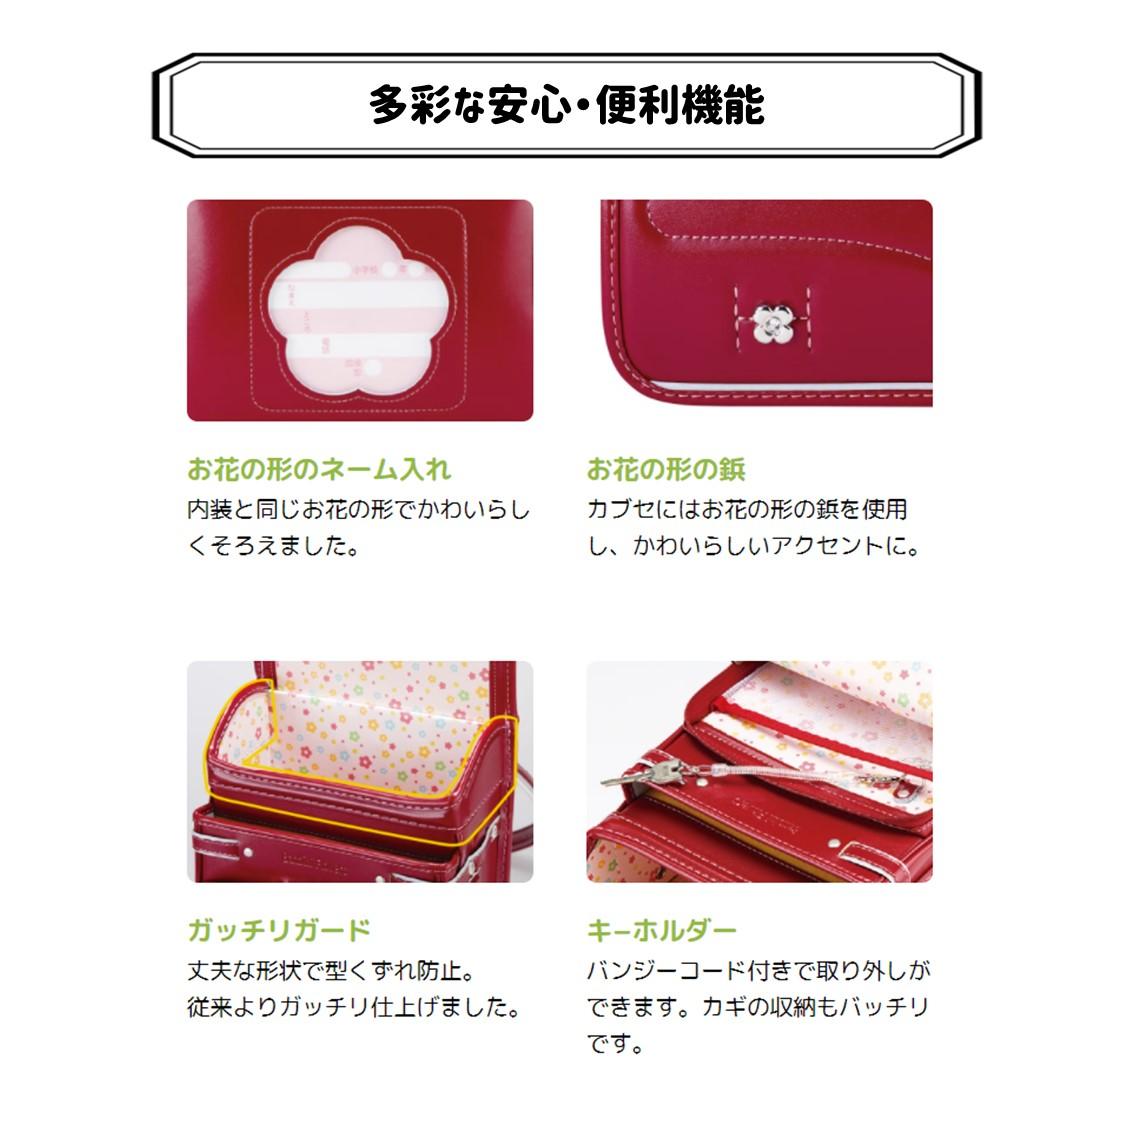 バンビーニ フラワー 牛革 パープル/ピンク